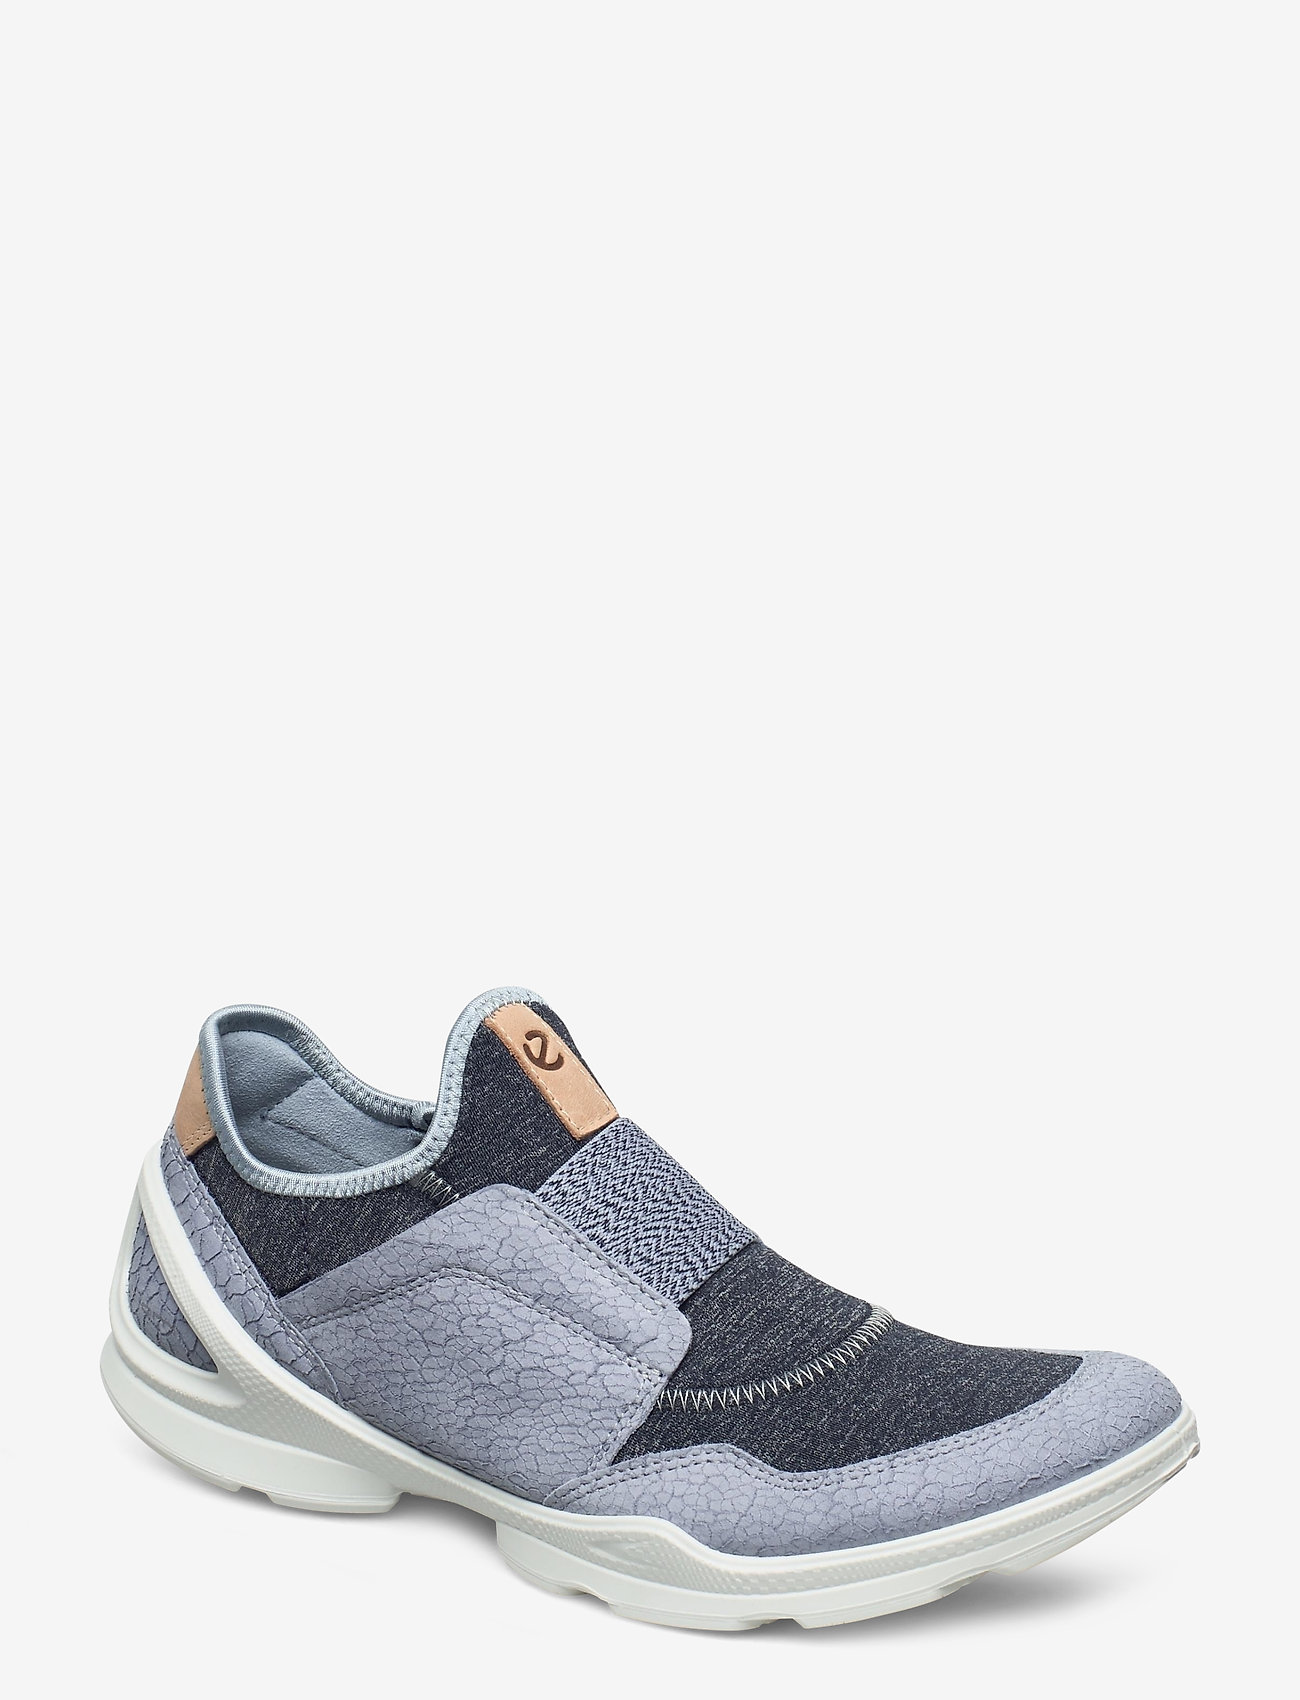 ECCO - BIOM STREET W - lage sneakers - dusty blue/marine - 0